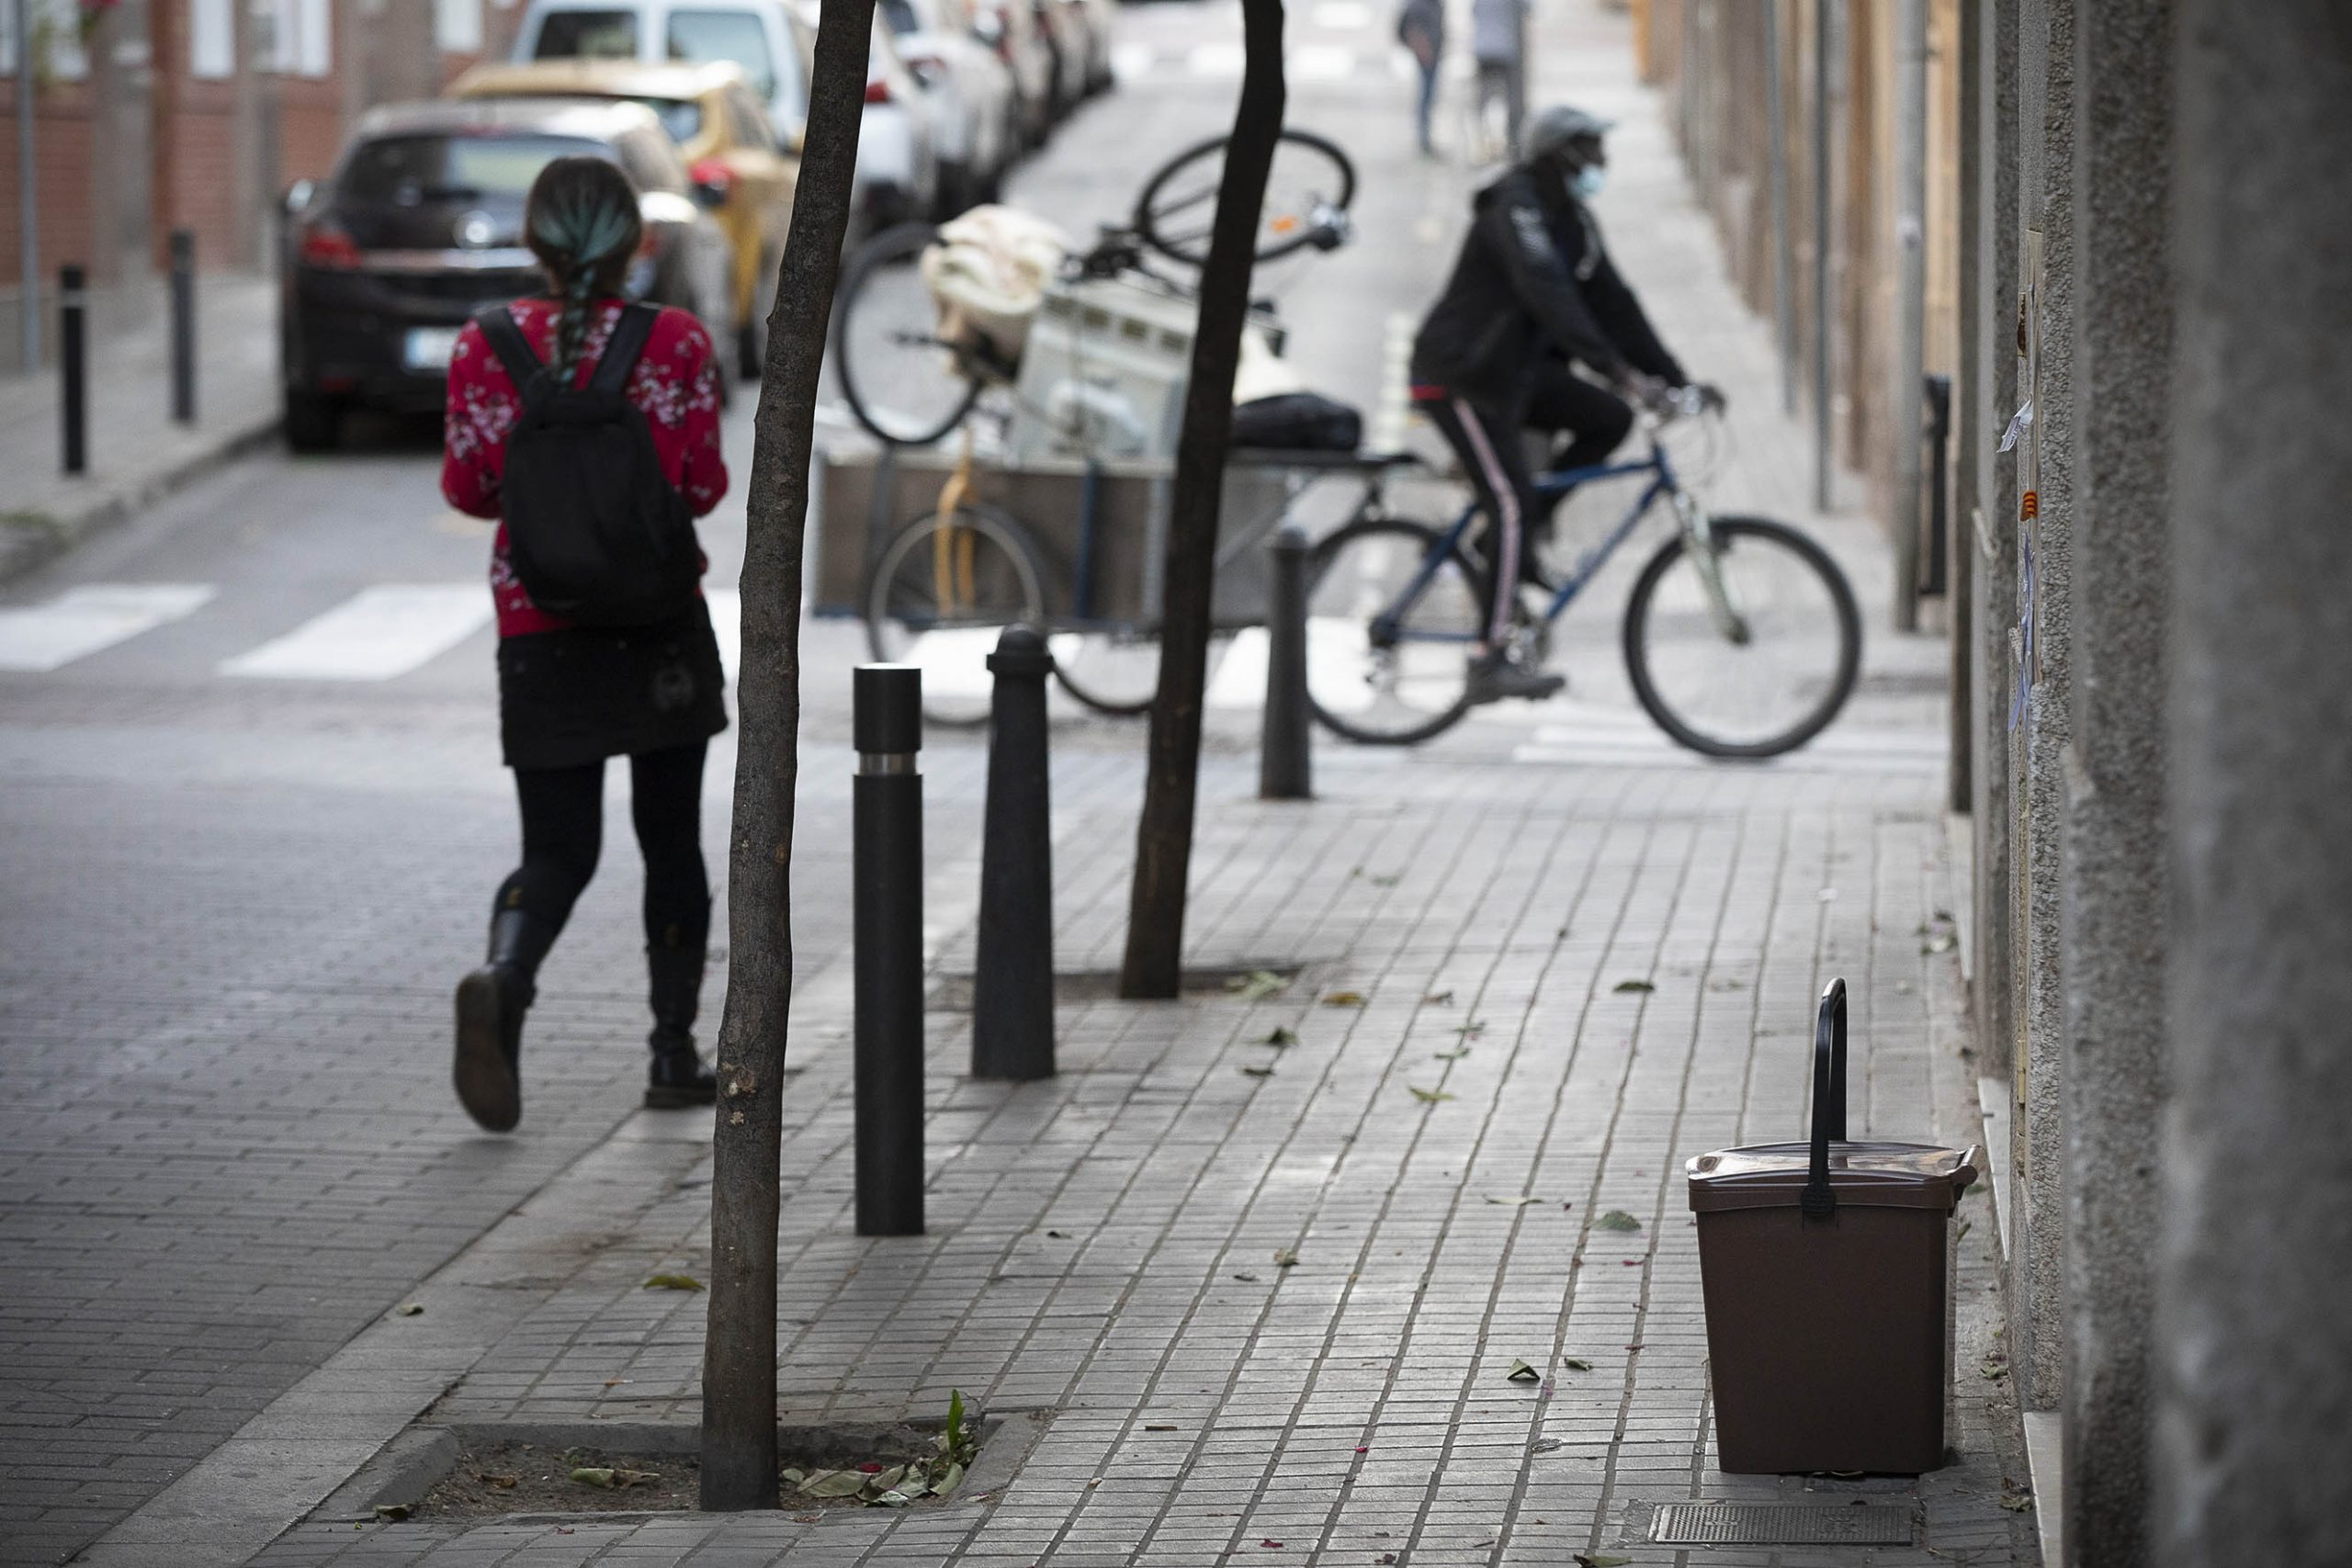 24.05.2021, Barcelona Primer vespre de recollida selectiva d'escombreries porta a porta al barri de Sant Andreu del Palomar.  foto: Jordi Play